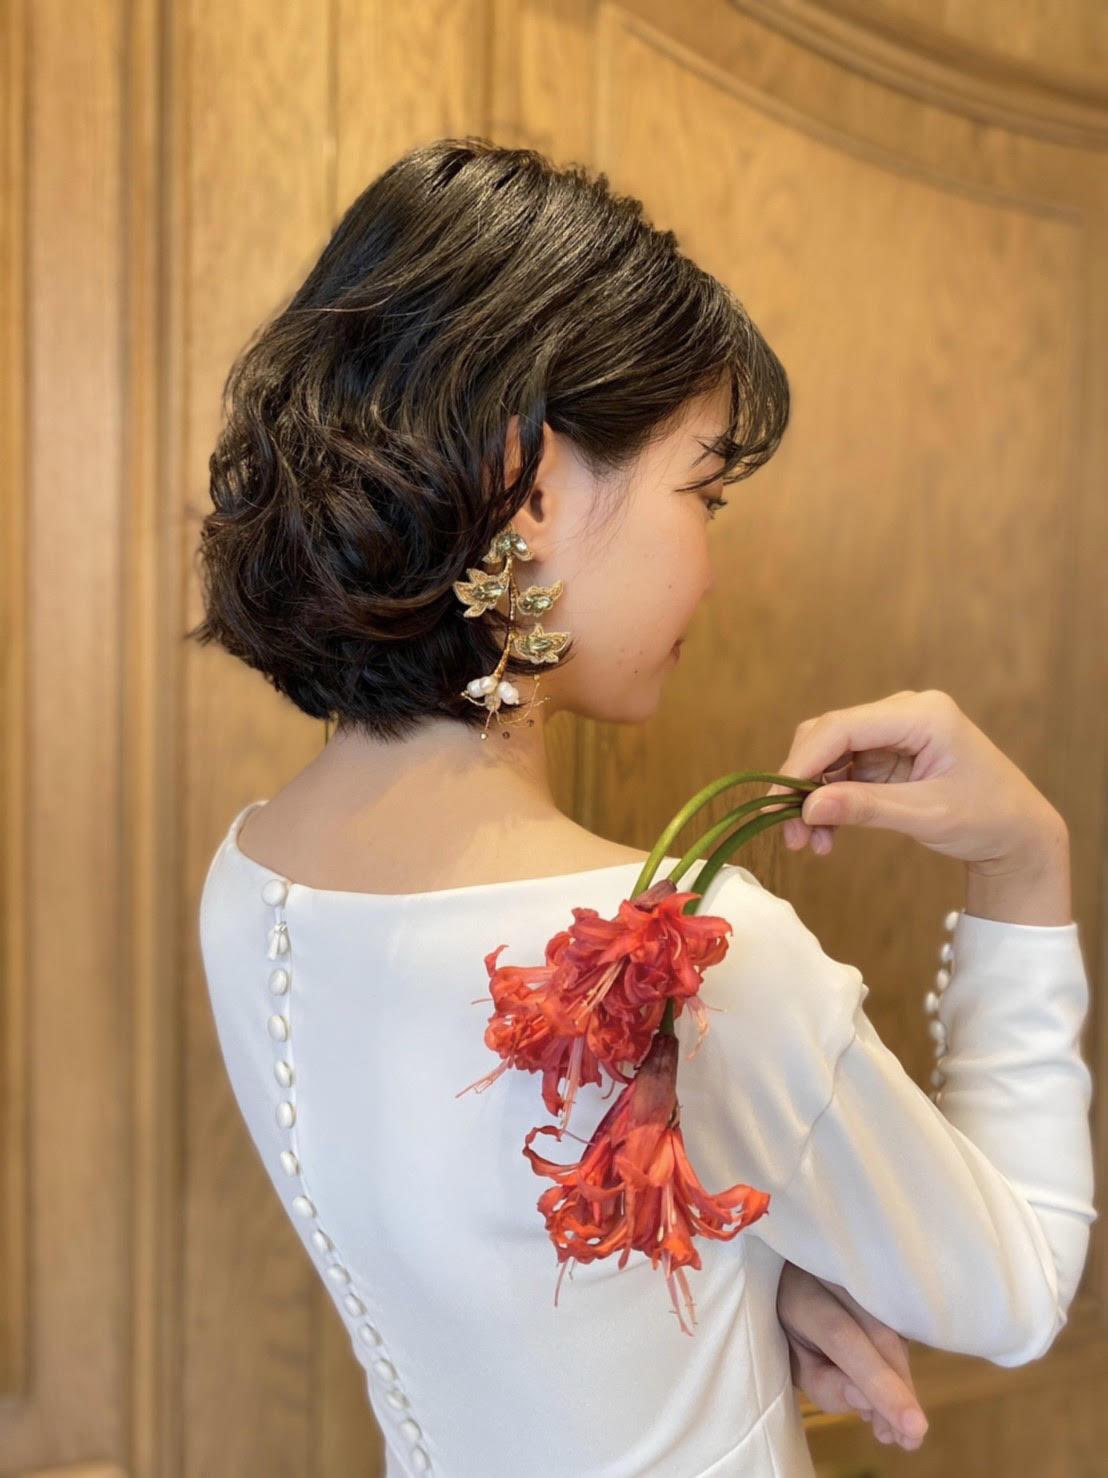 大人っぽい上質な雰囲気がお好きな花嫁様へTHE TREAT DRESSING名古屋店でおすすめのオスカー・デ・ラ・レンタのイヤリングのコーディネート